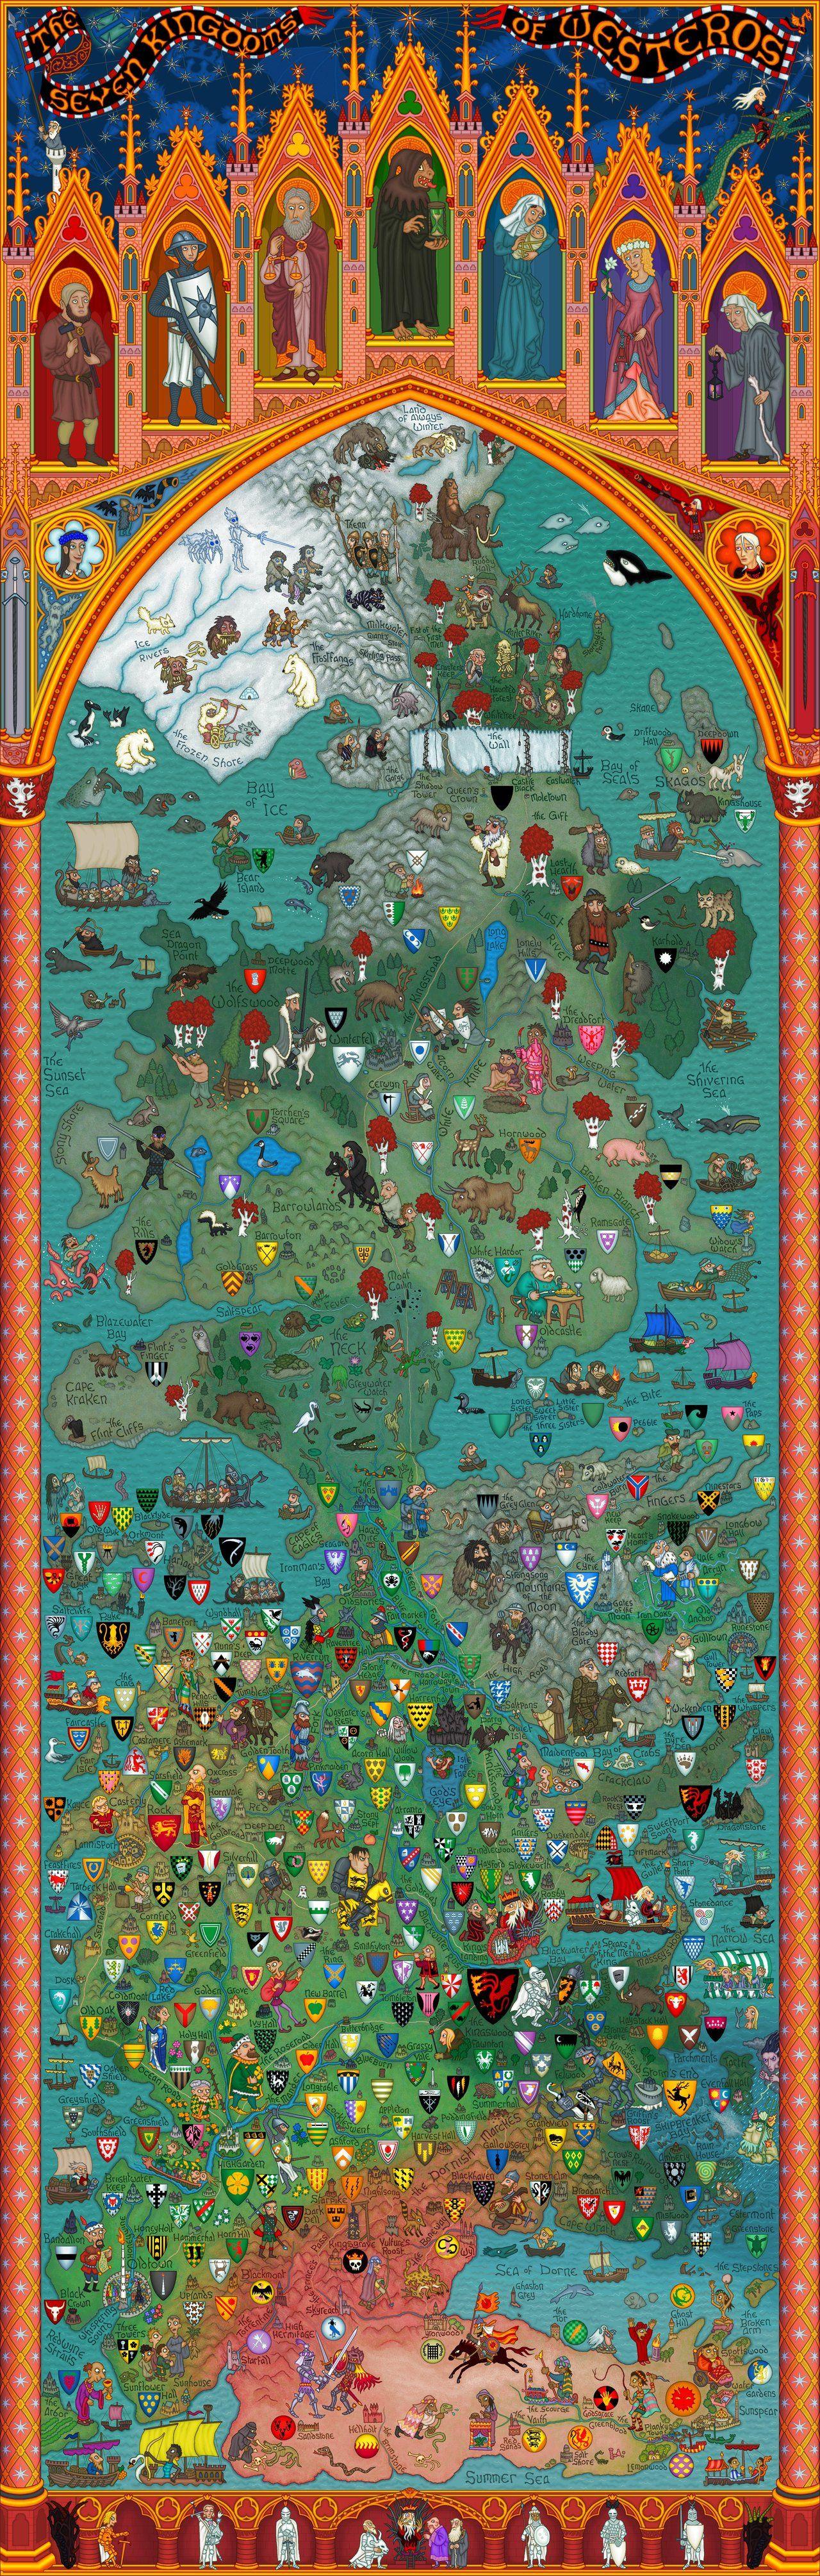 Lindo Mapa De Game Of Thrones Atualizado Com Mapa Maior A Board